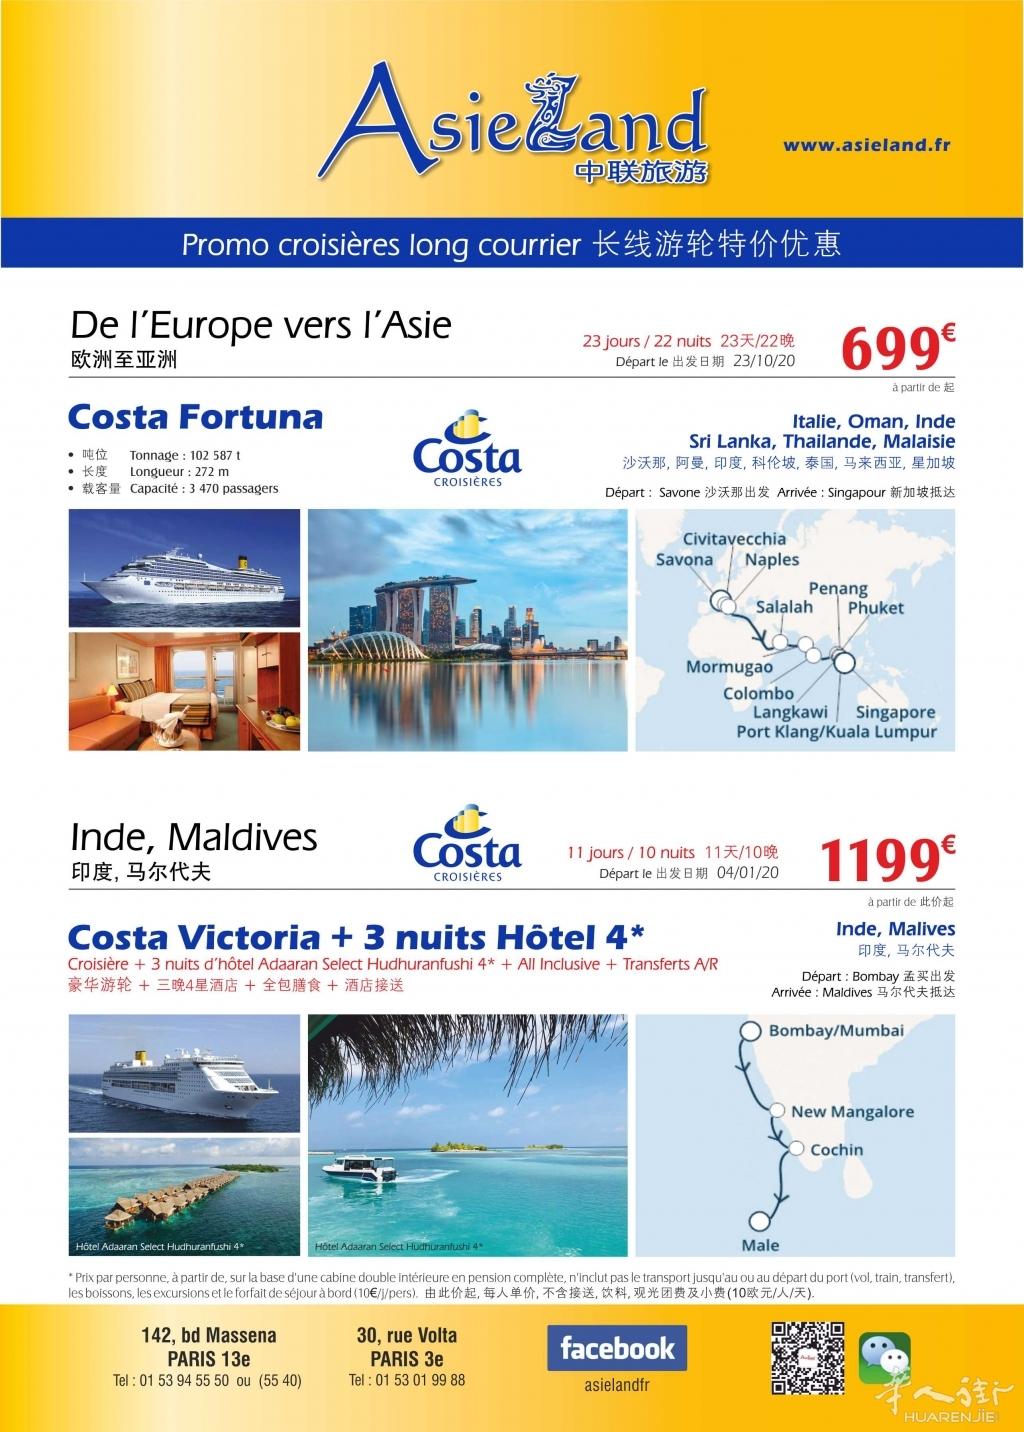 Flyer croisiere 15-05-2019-verso-v04.jpg